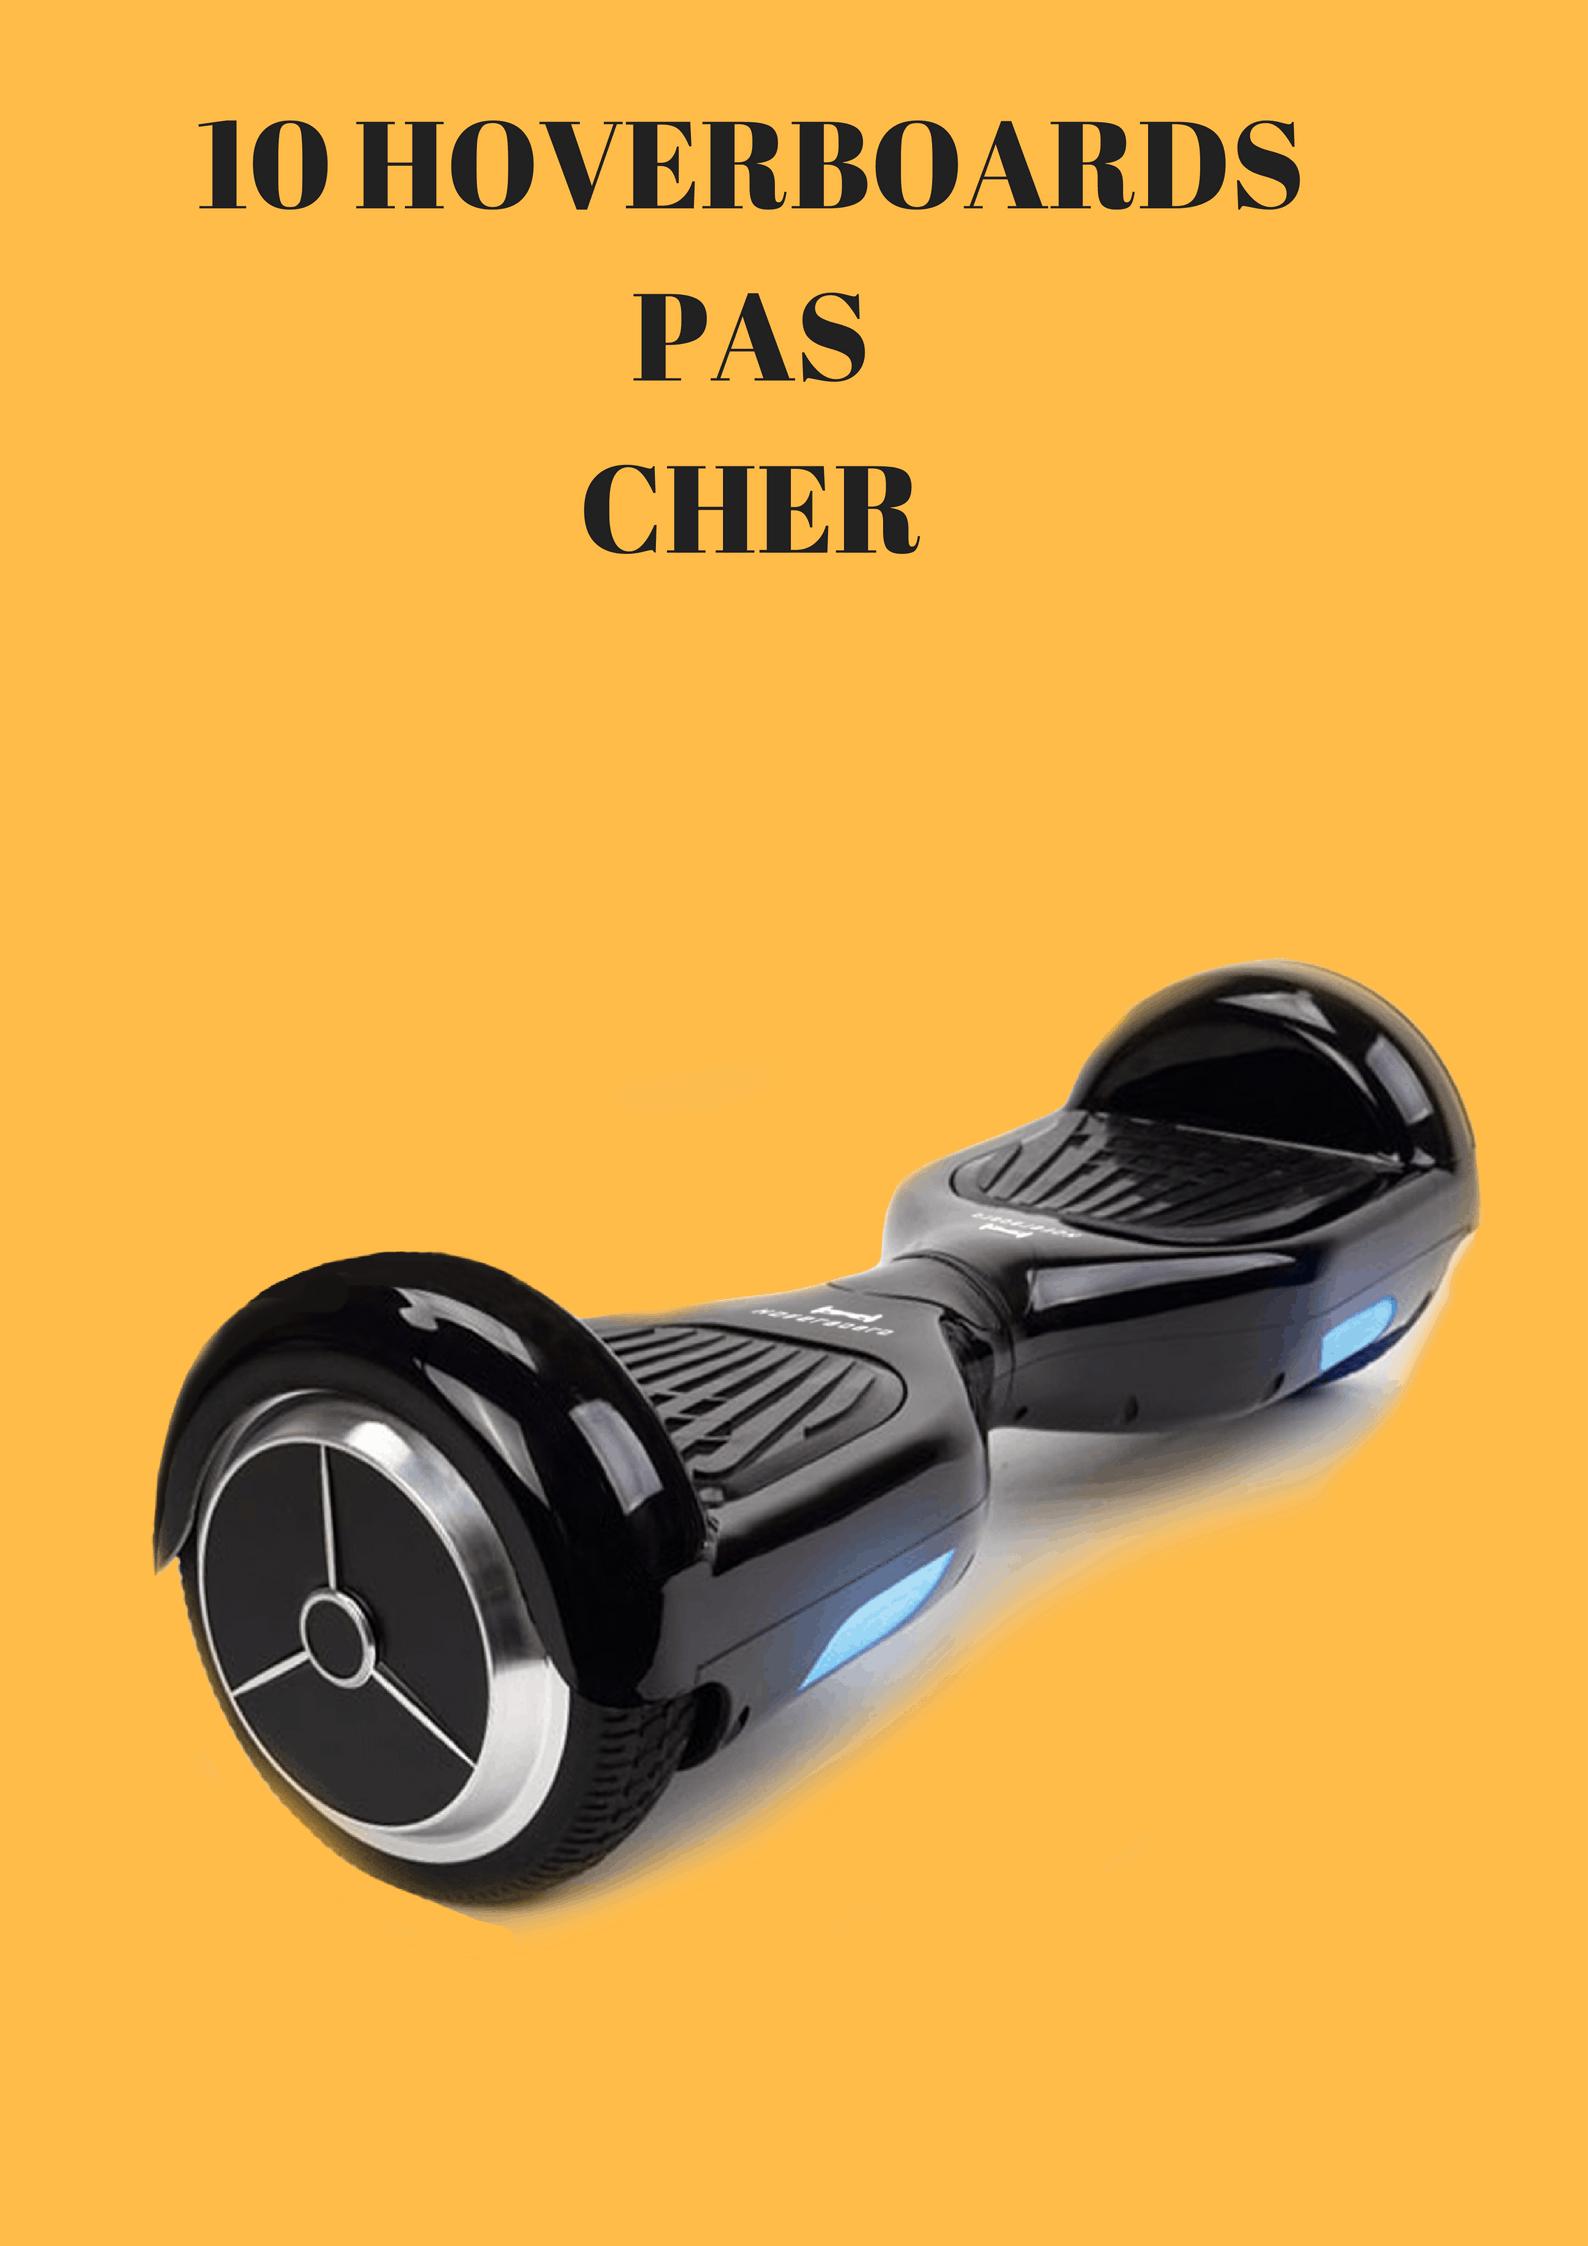 les skate lectrique une seule roue. Black Bedroom Furniture Sets. Home Design Ideas